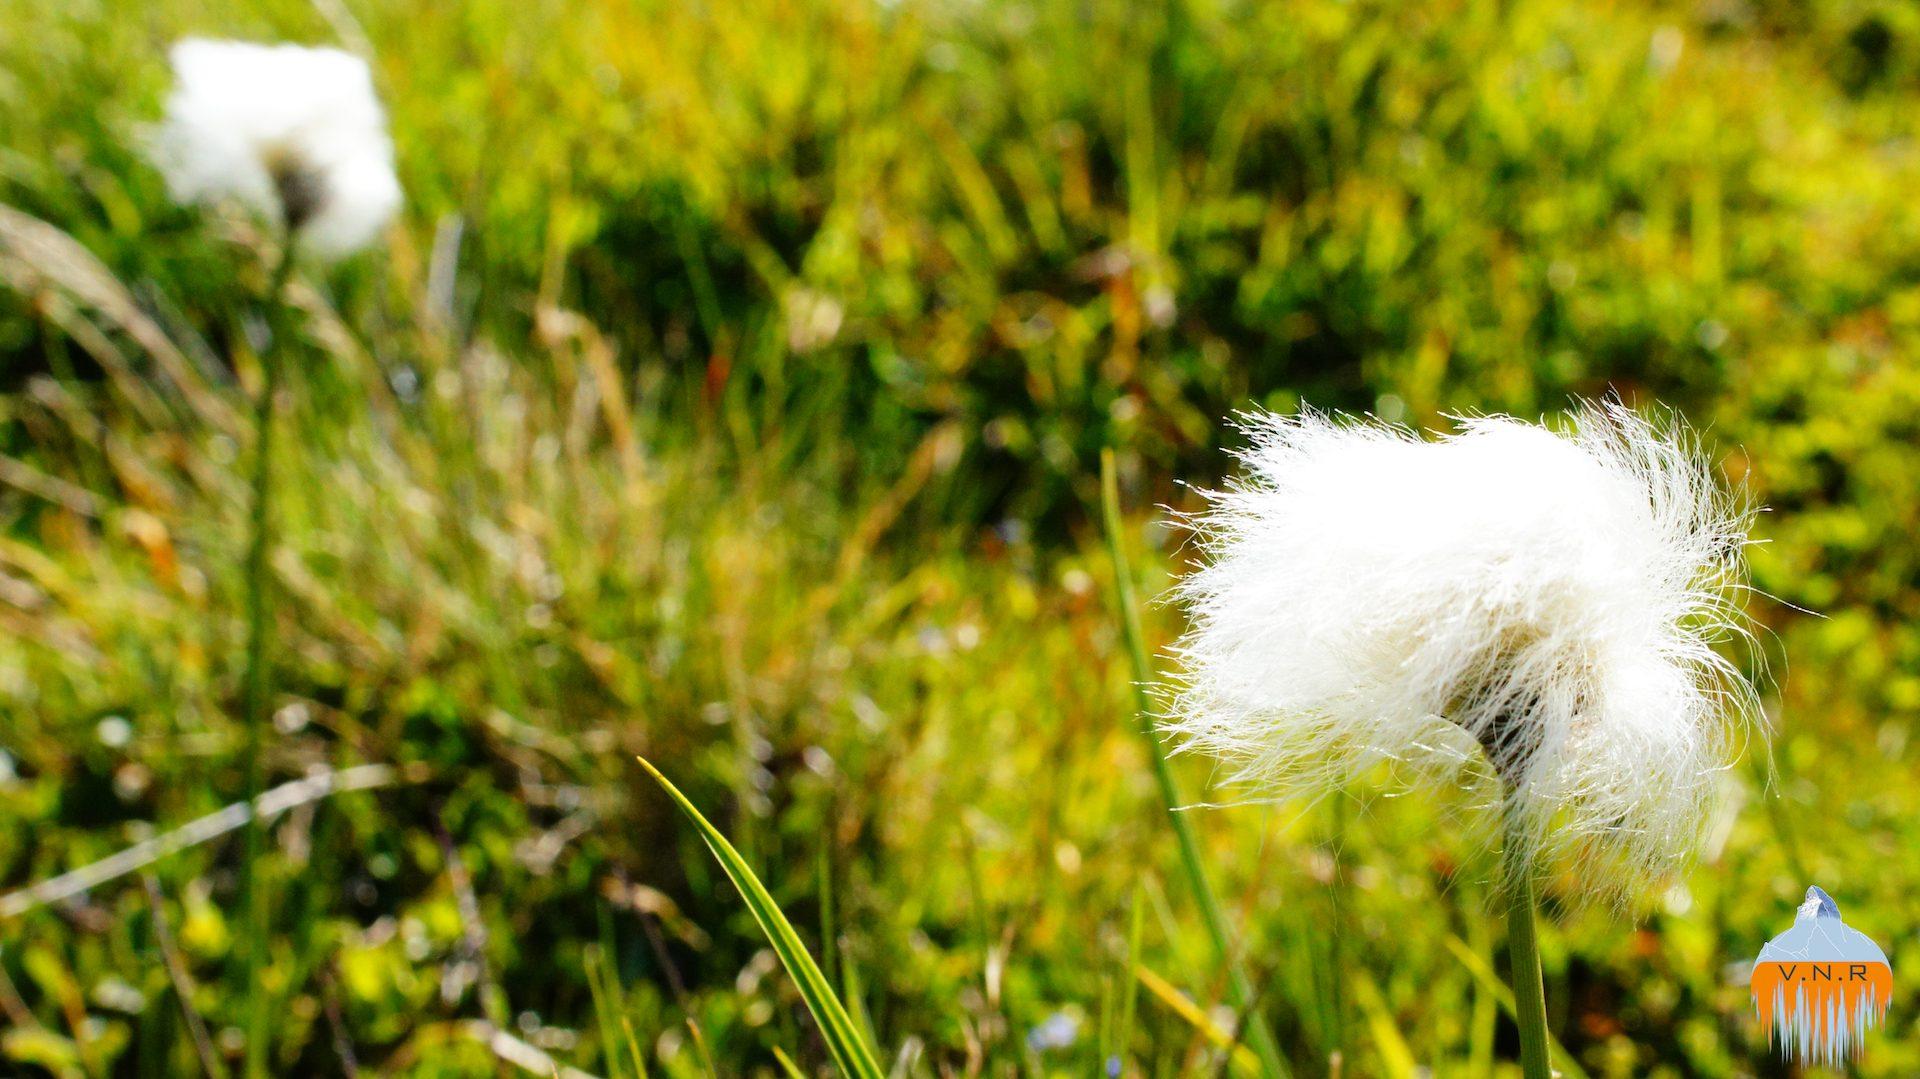 Hairy Flower